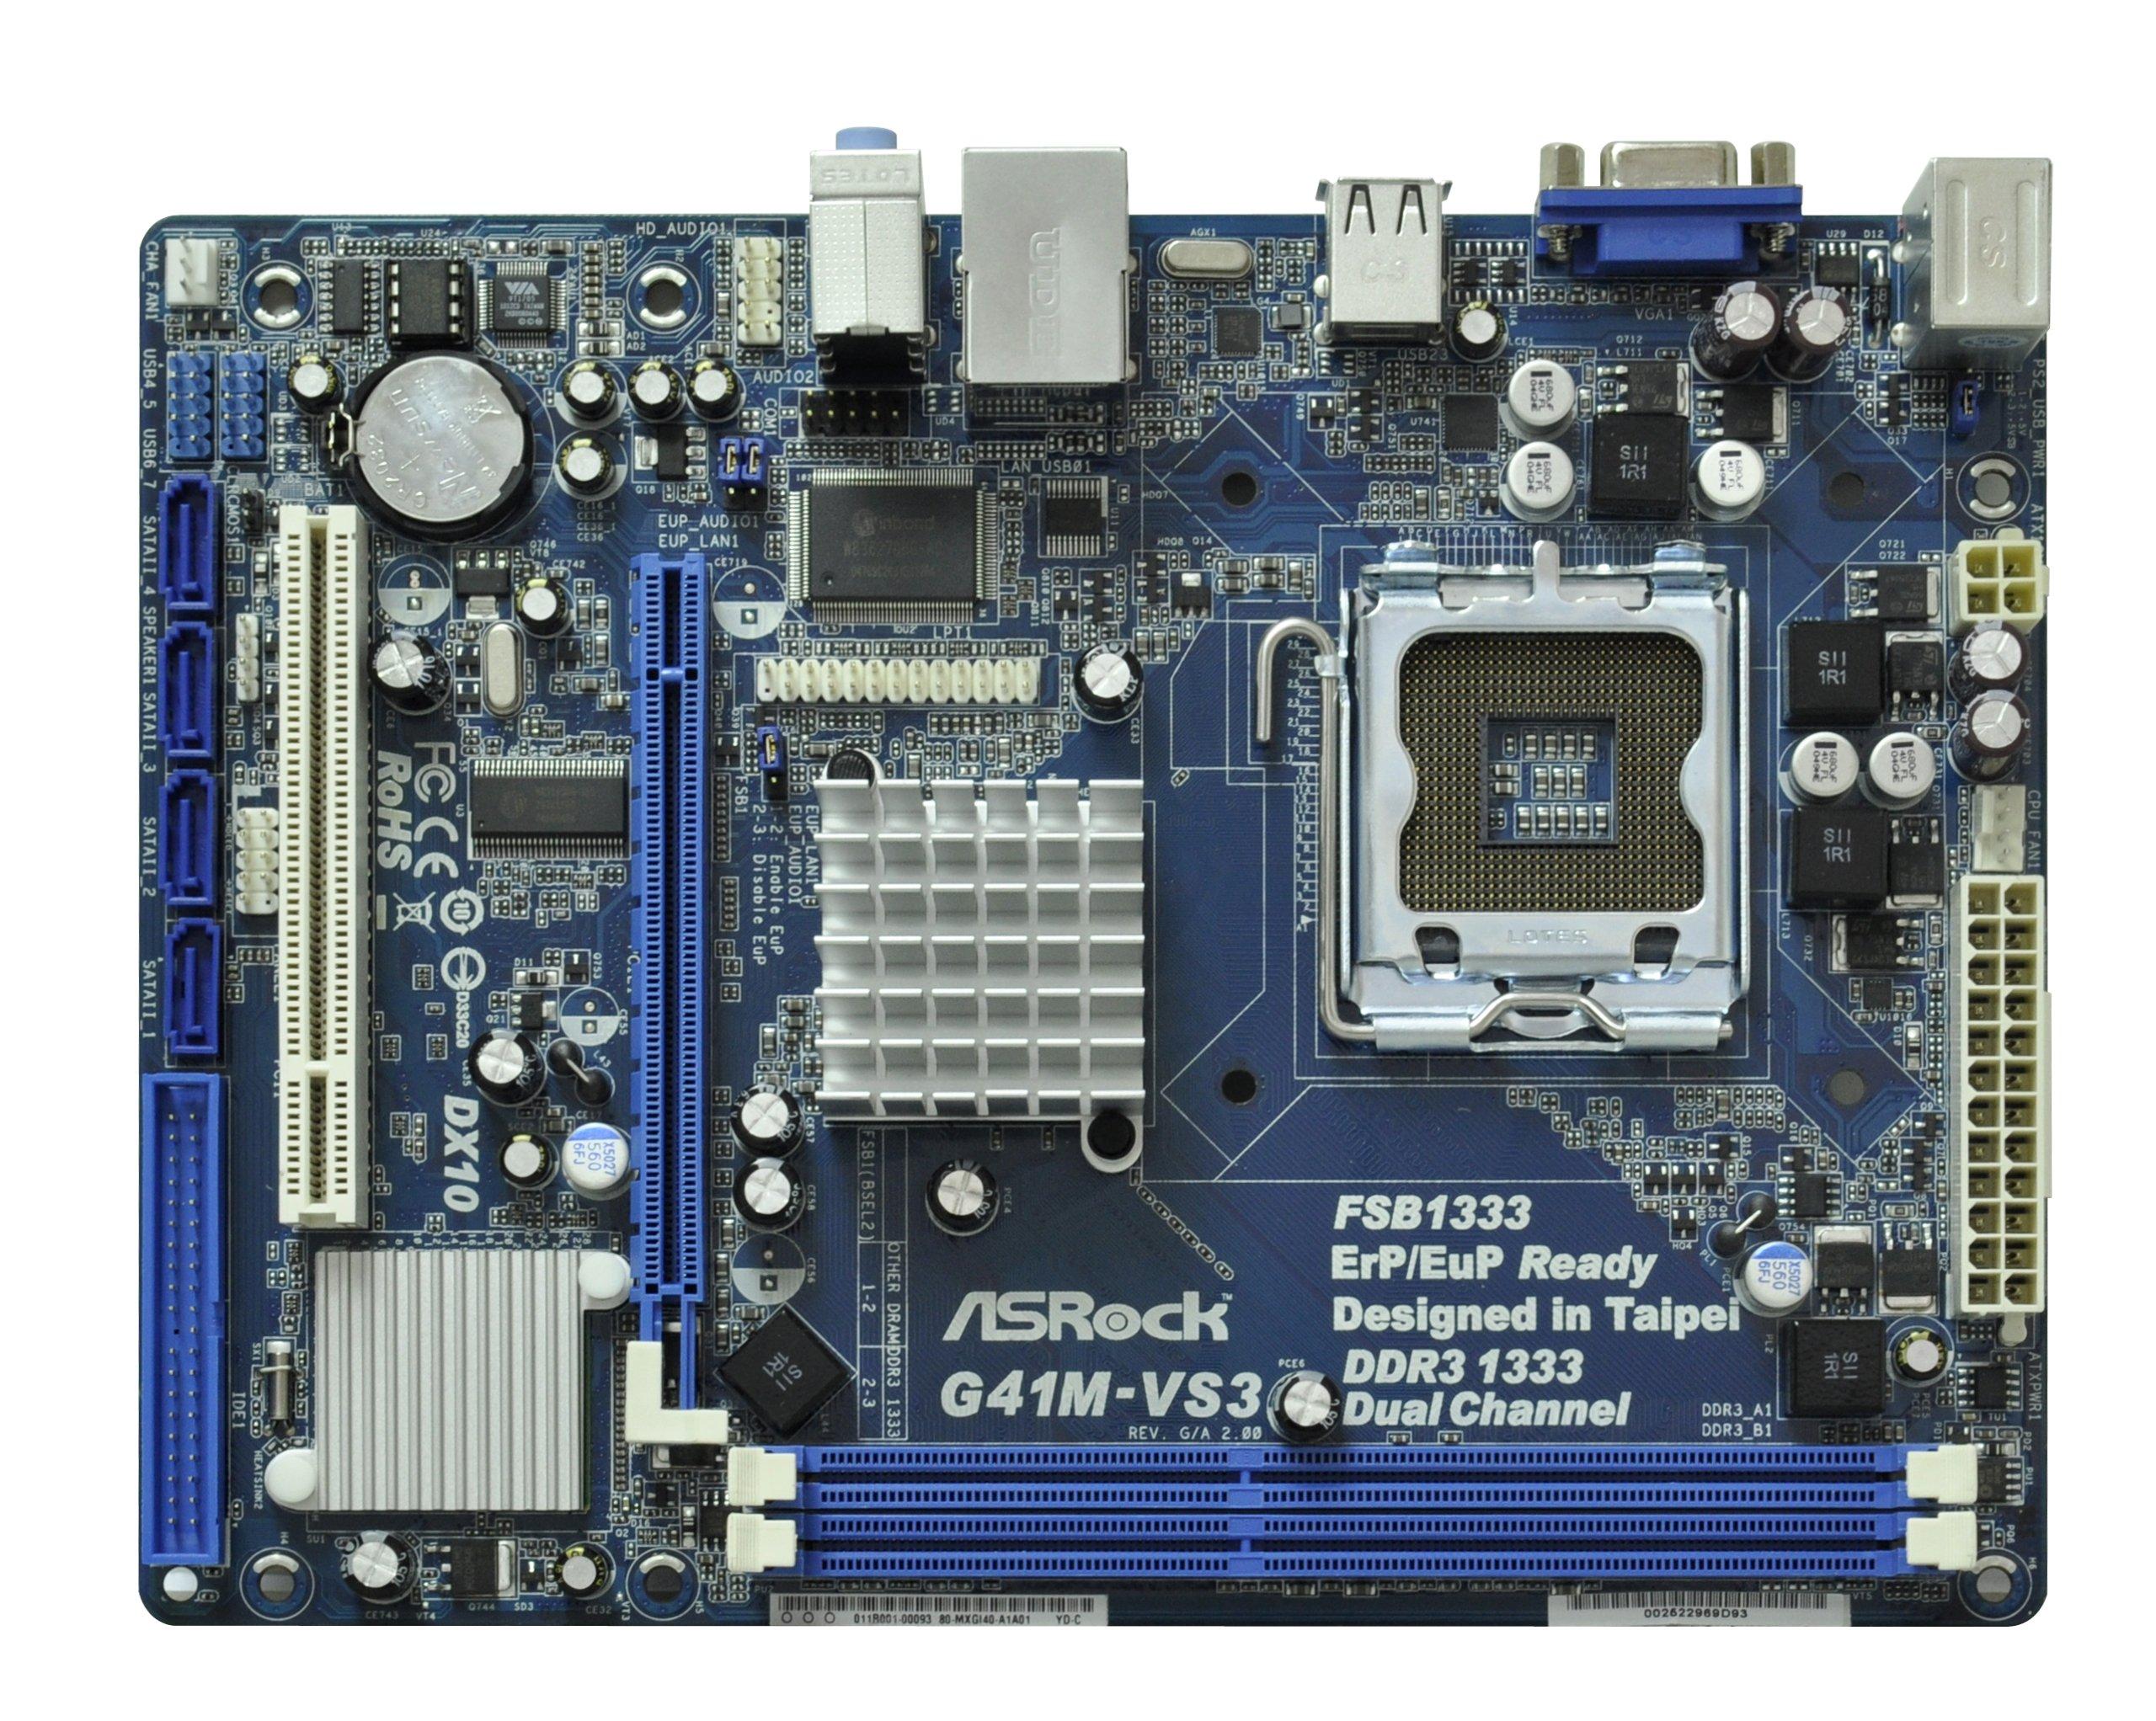 ASRock G41M-VS3 R2.0 Core 2 Quad/Intel G41/ DDR3/ A&V&L/Micro ATX LGA 755 Motherboard by ASRock (Image #2)